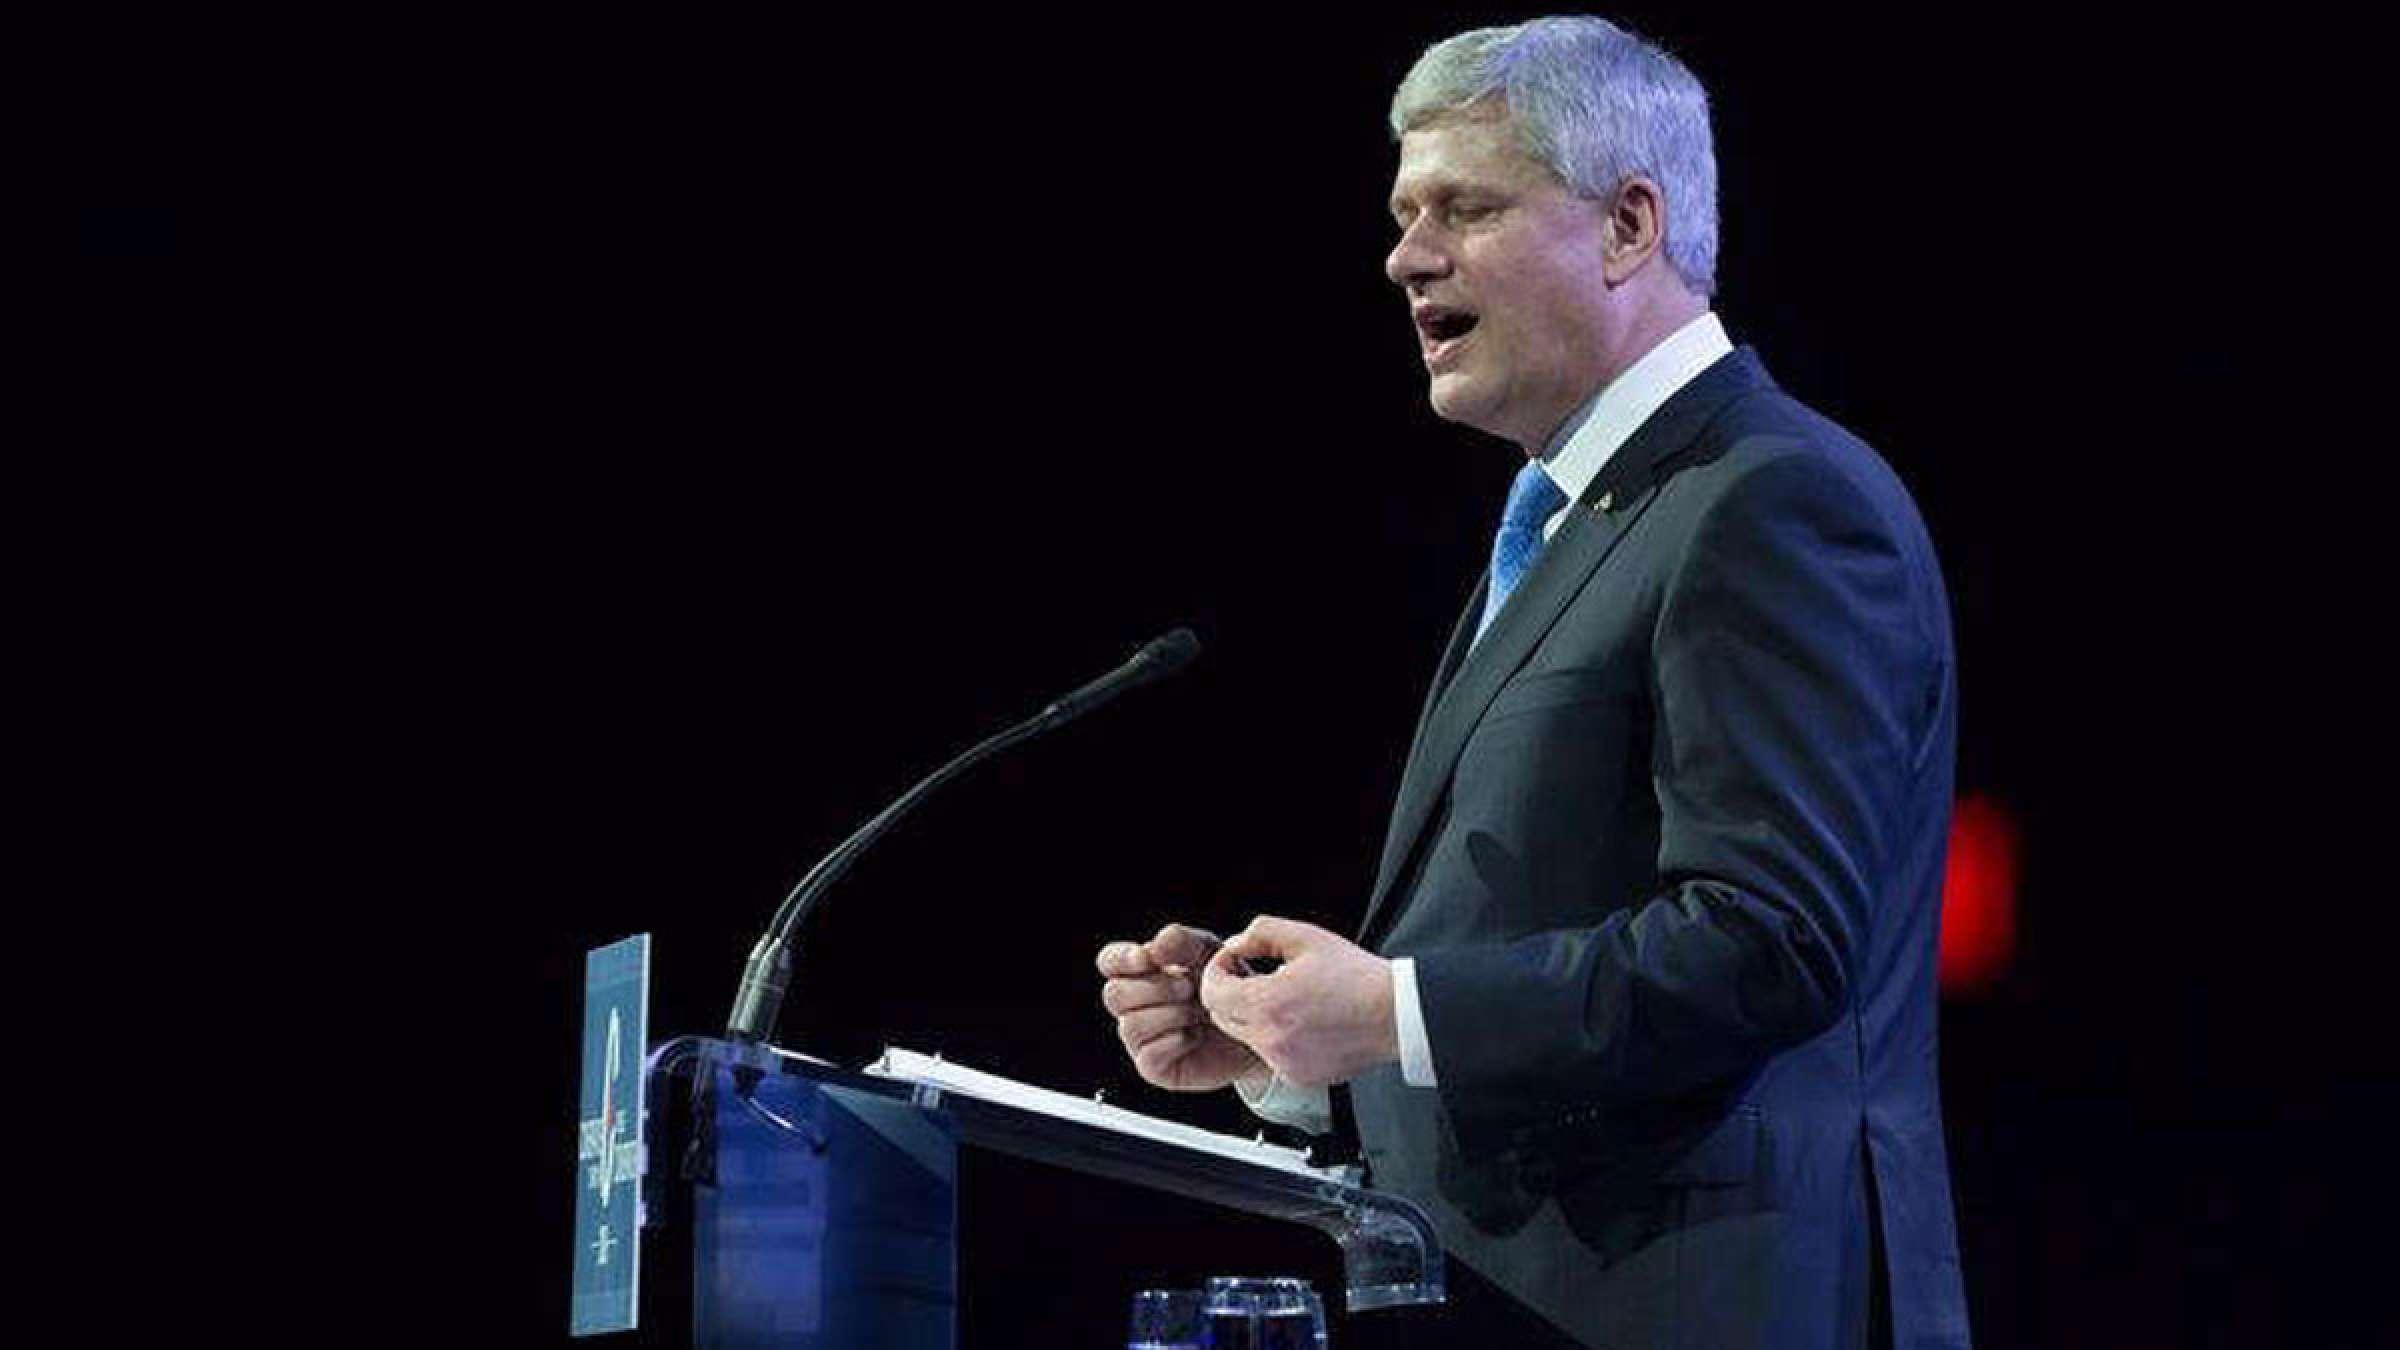 خبر-کانادا-هارپر-نخست-وزیر-سابق-کانادا-هیچکس-با-ایران-حتی-مذاکره-هم-نکند